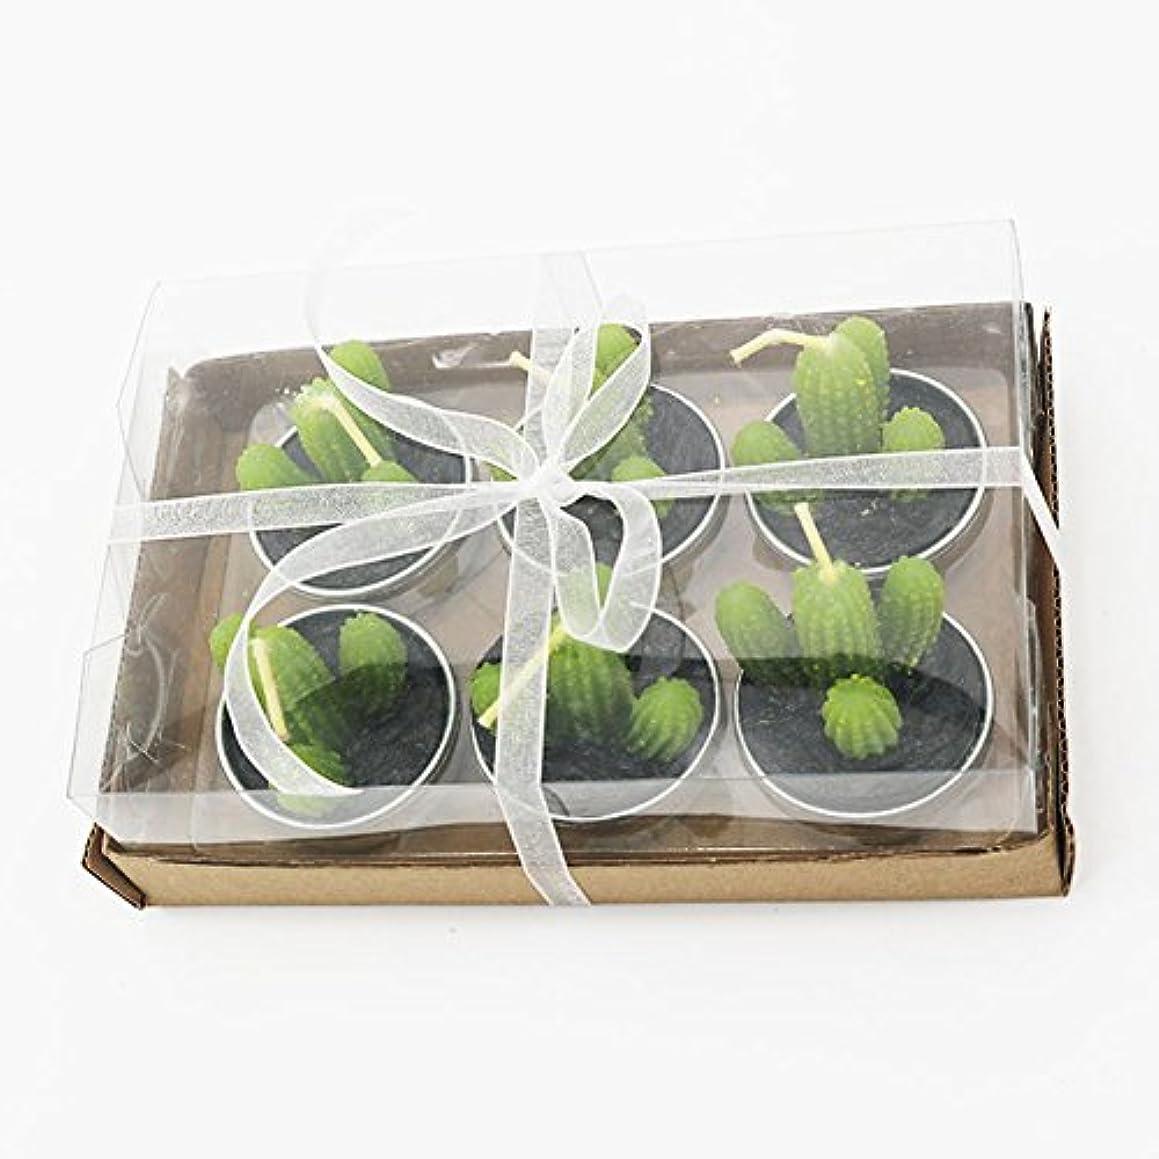 勝者私たち教授Liebeye キャンドル 多肉植物スモークフリーのクリエイティブなキャンドル100%自然のワックスかわいい模造植物フルーツの形状低温キャンドル 6個/箱 カクタス?ボックス